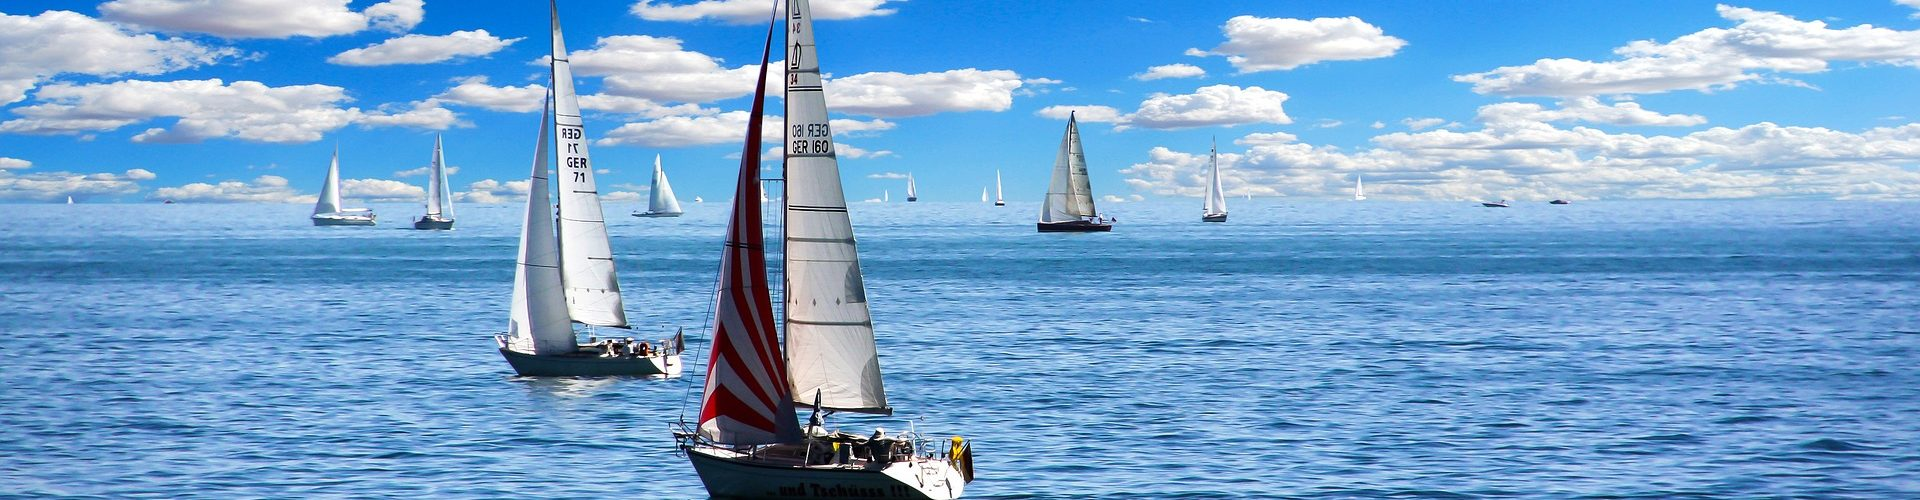 segeln lernen in Rieden am Forggensee segelschein machen in Rieden am Forggensee 1920x500 - Segeln lernen in Rieden am Forggensee